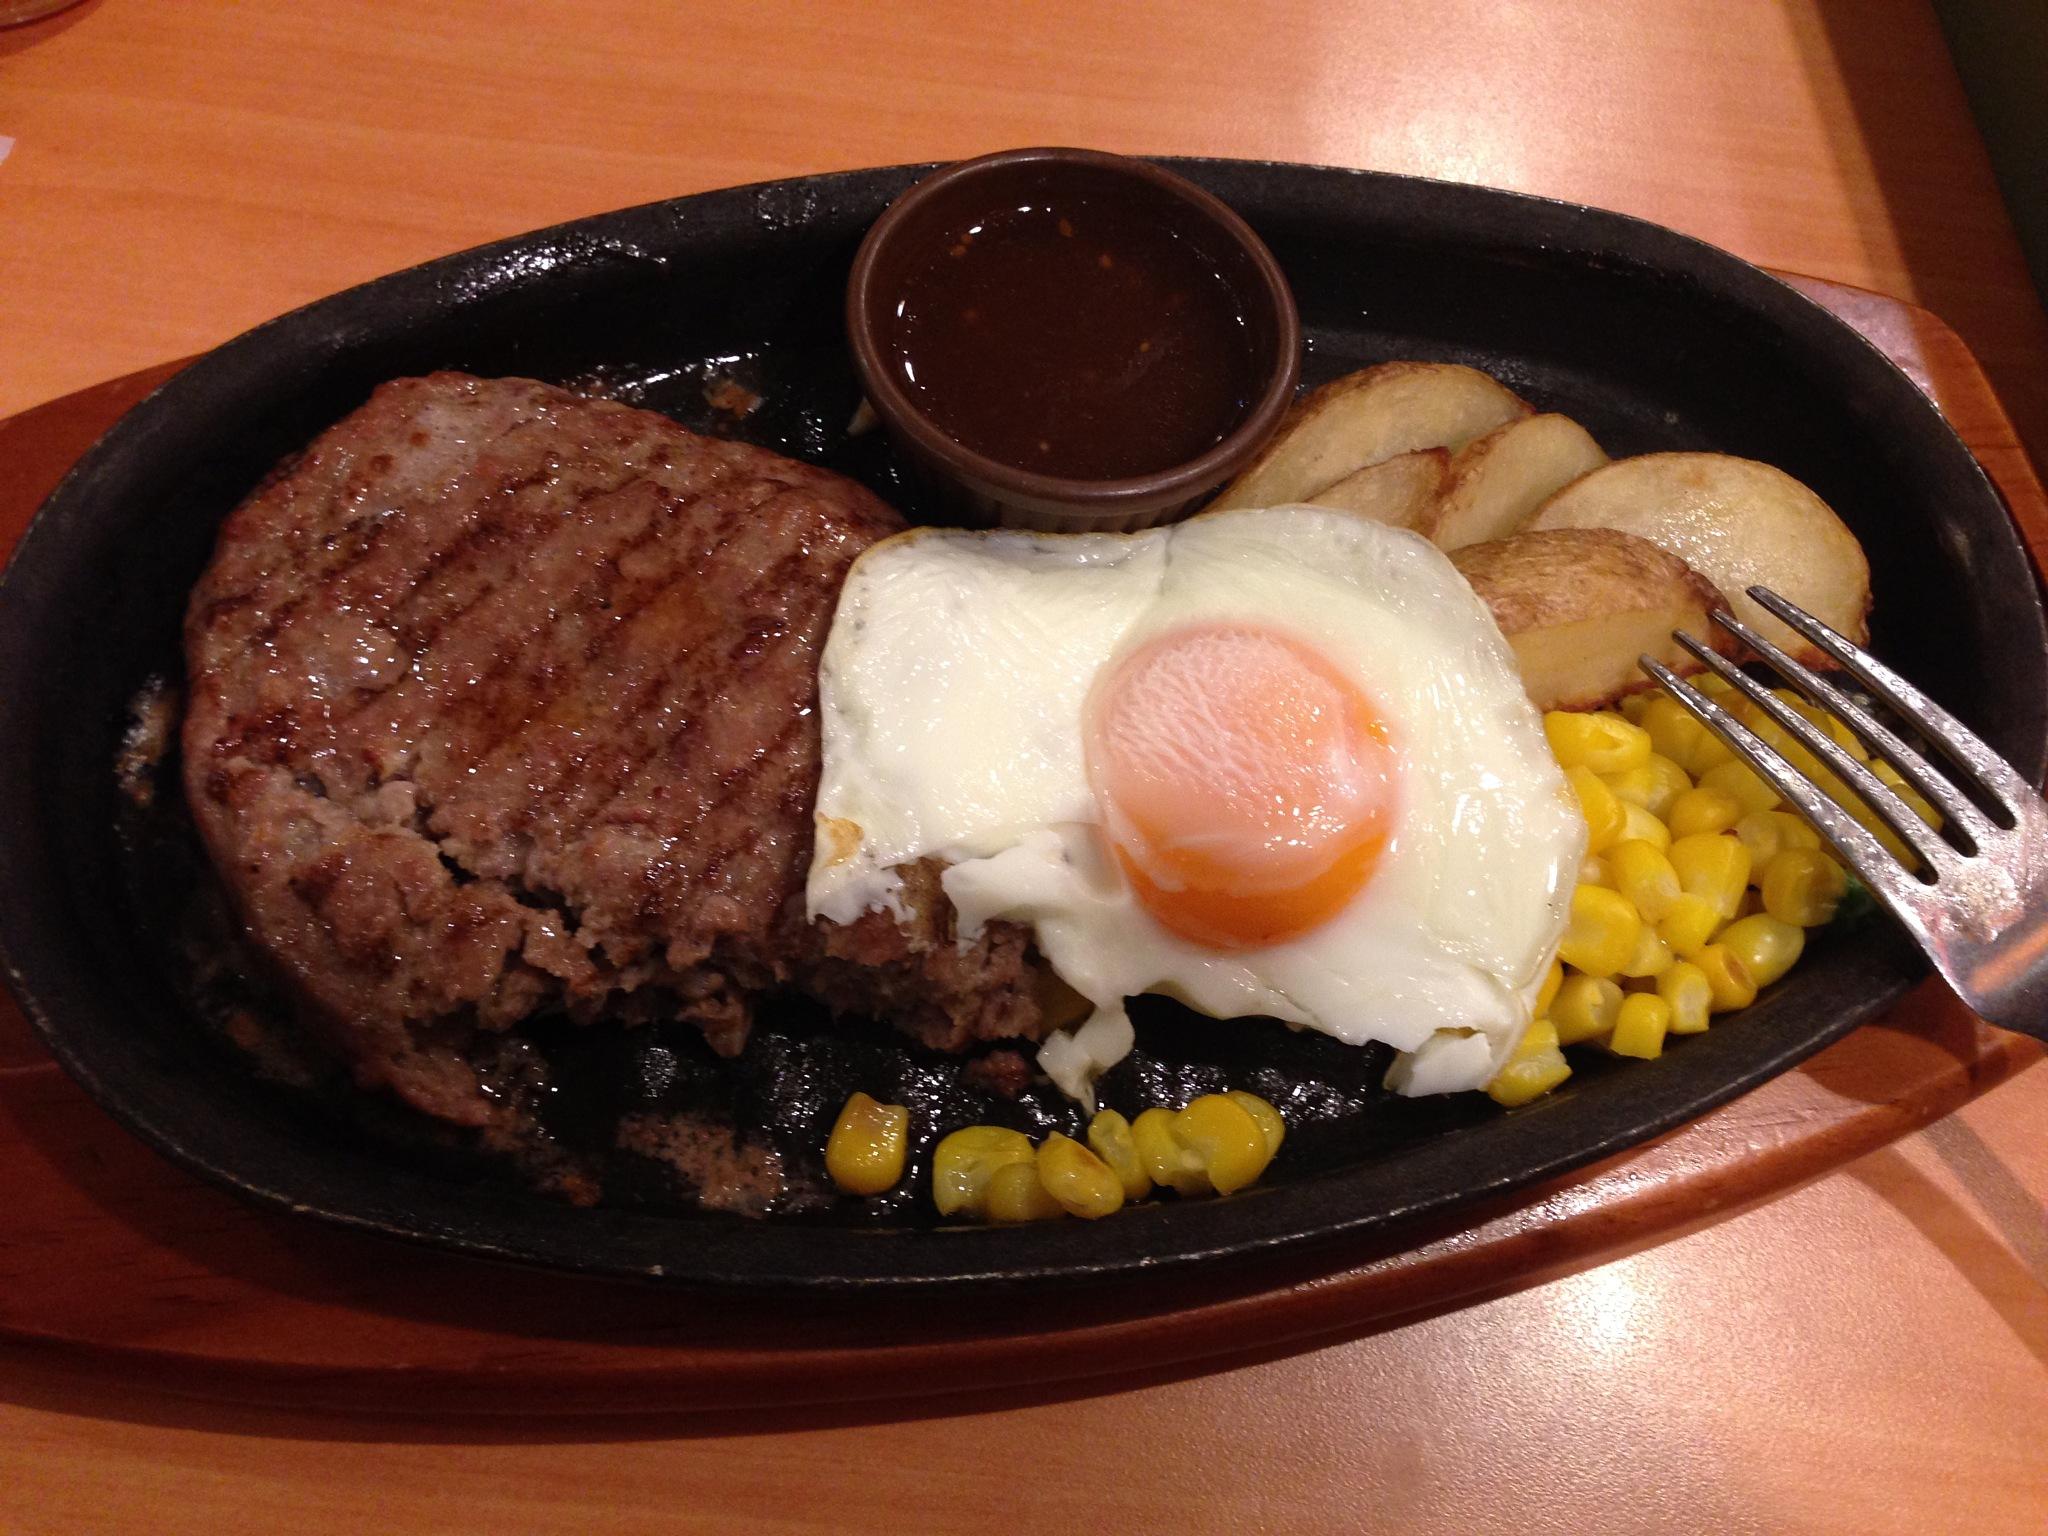 Sumptous Burger Steak Lunch by rgalbarillo